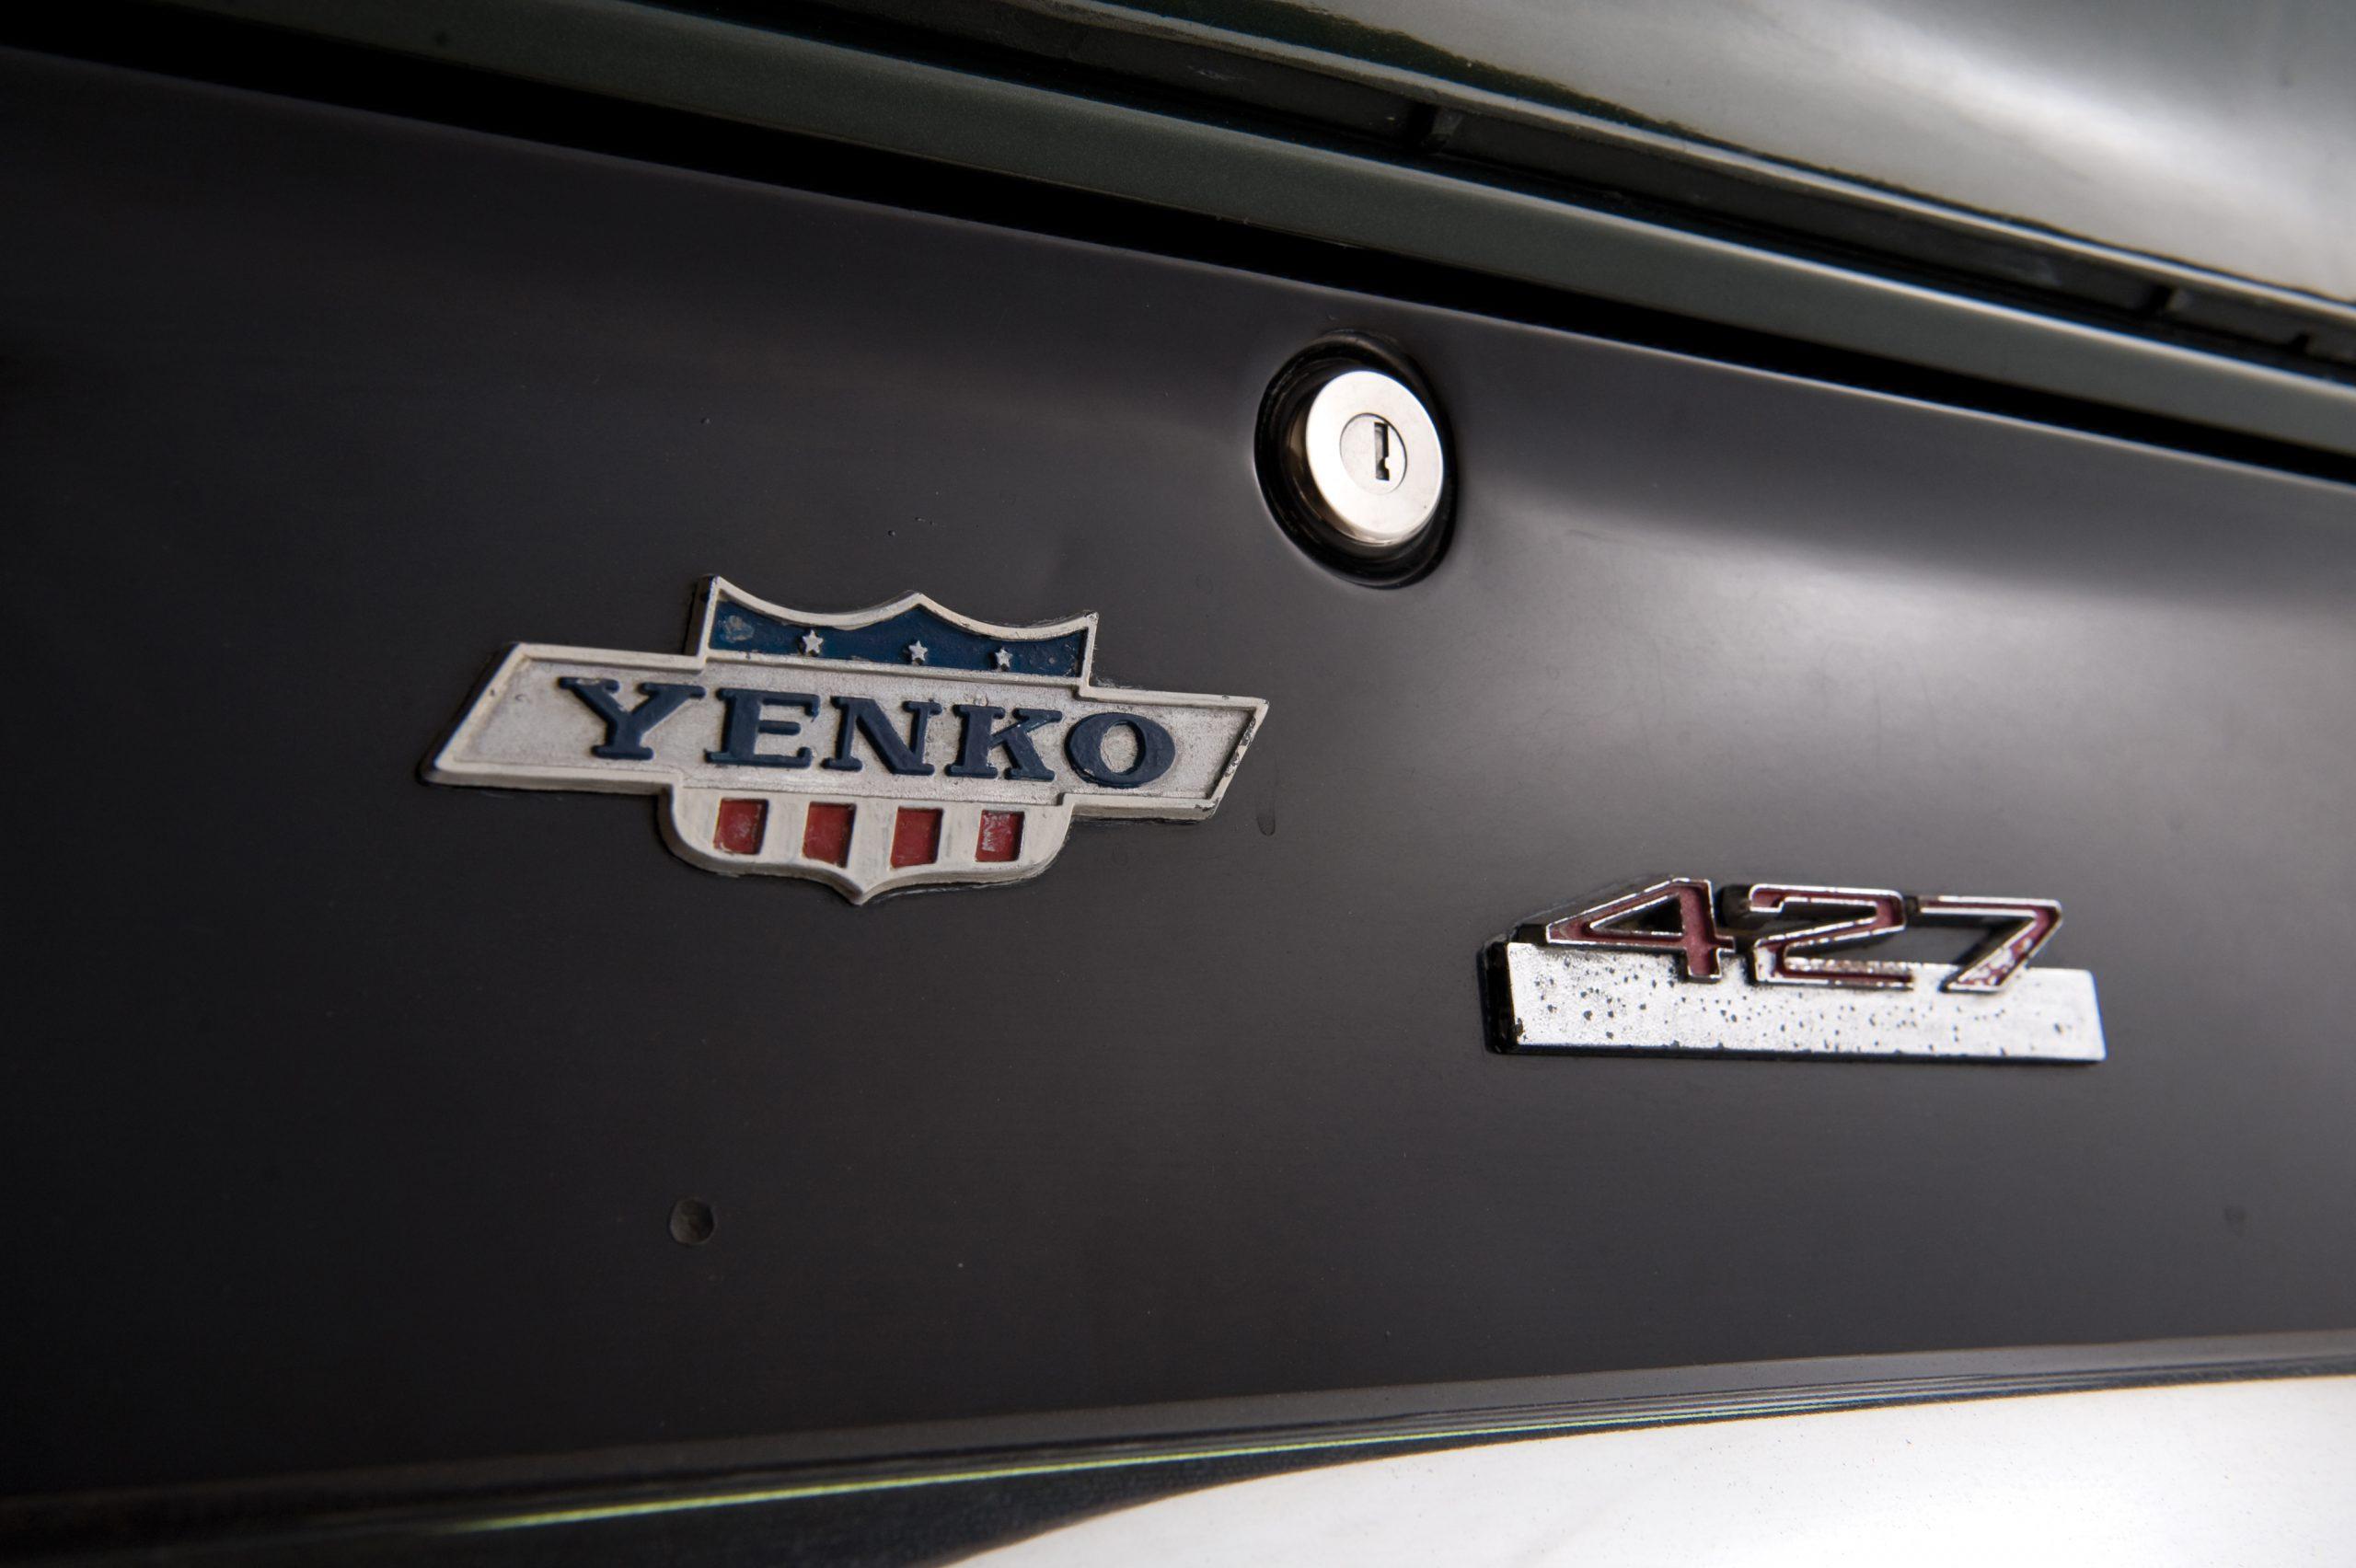 1969 Chevrolet Camaro Yenko SC badges